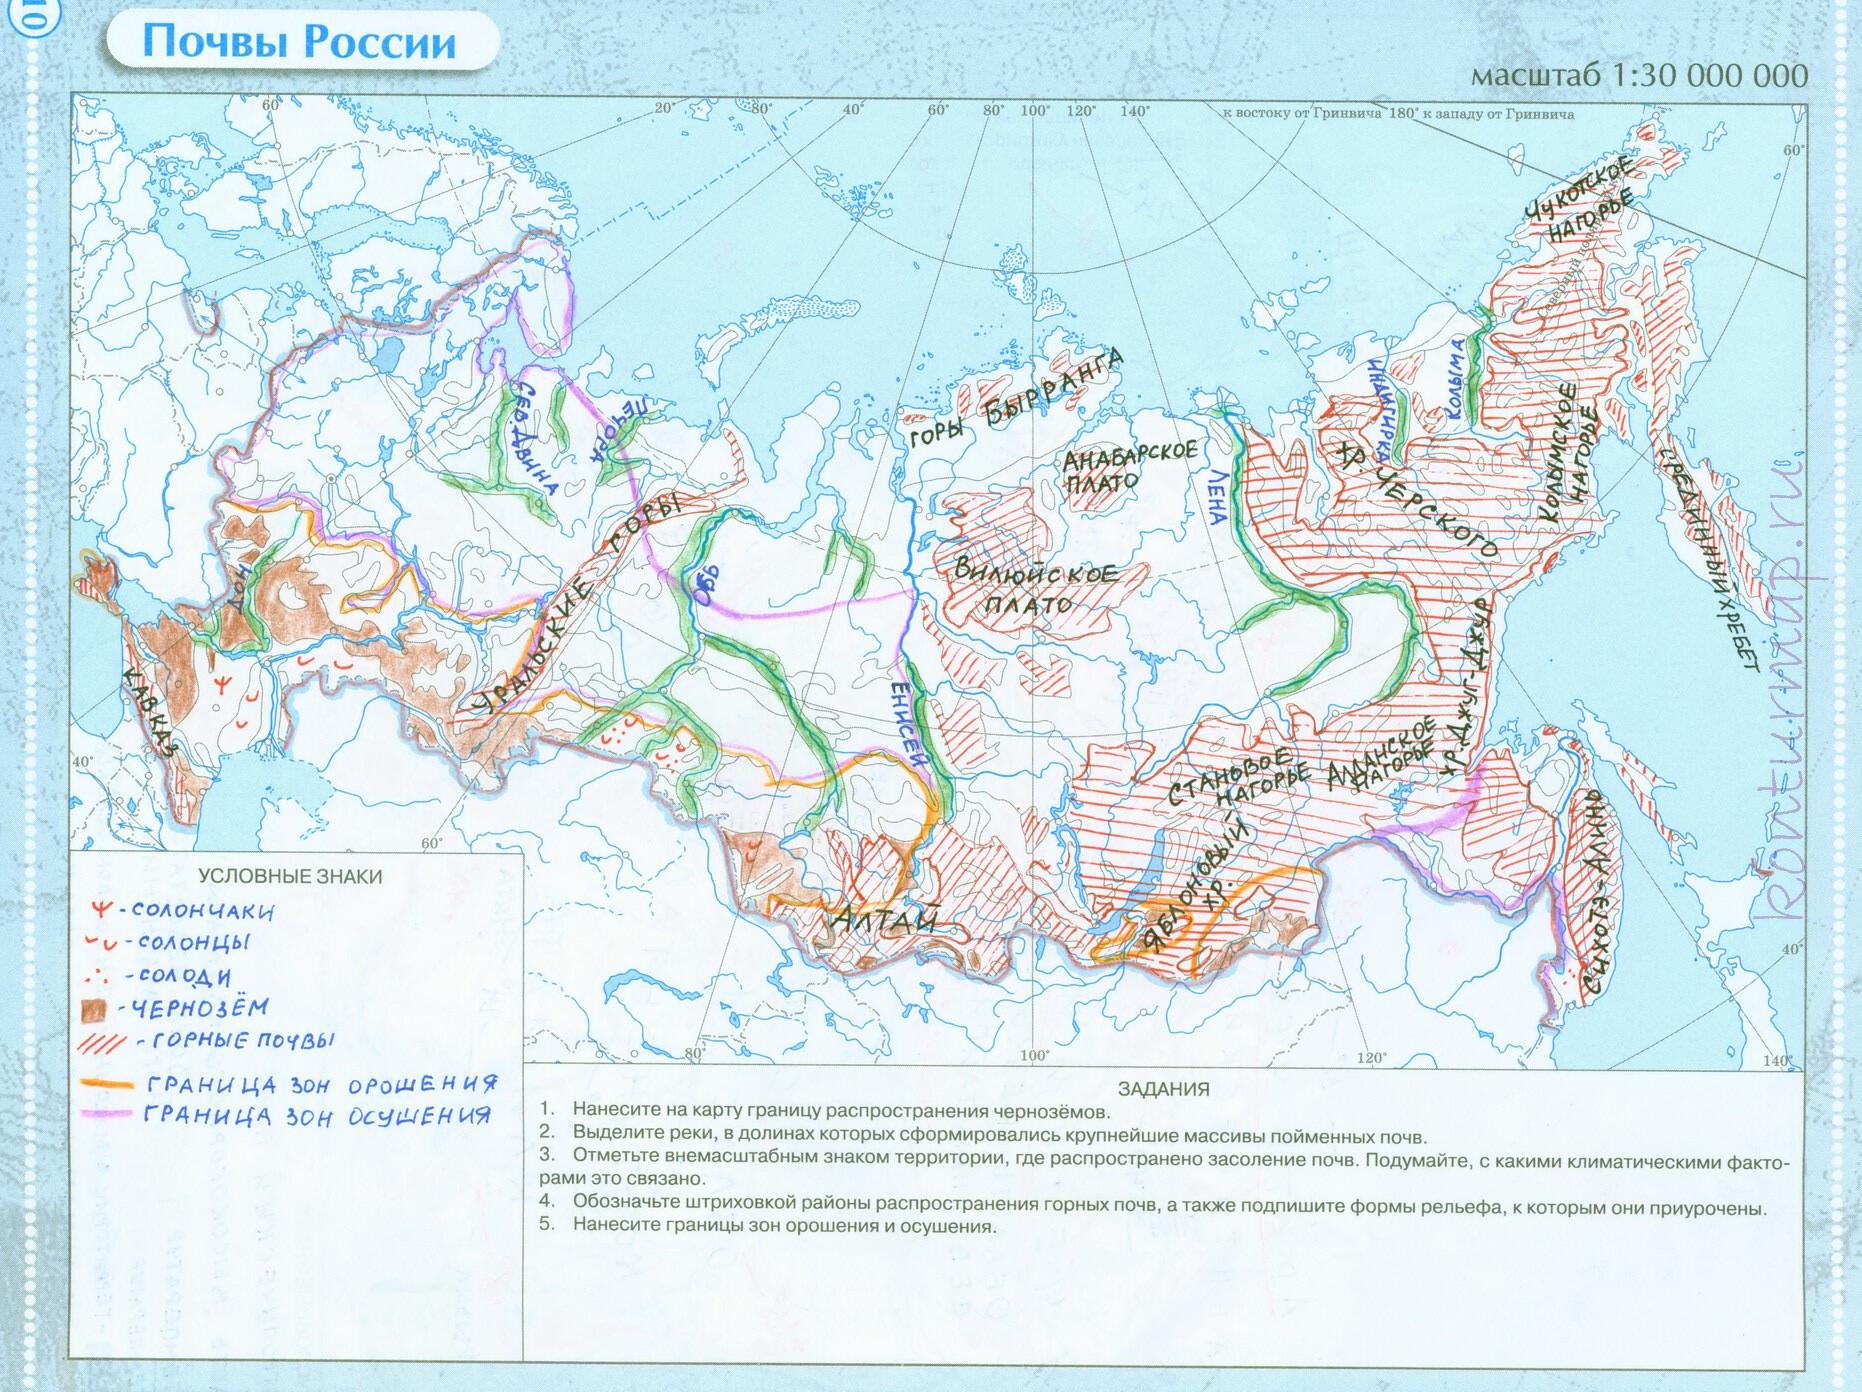 Решебник контурных карт по географии